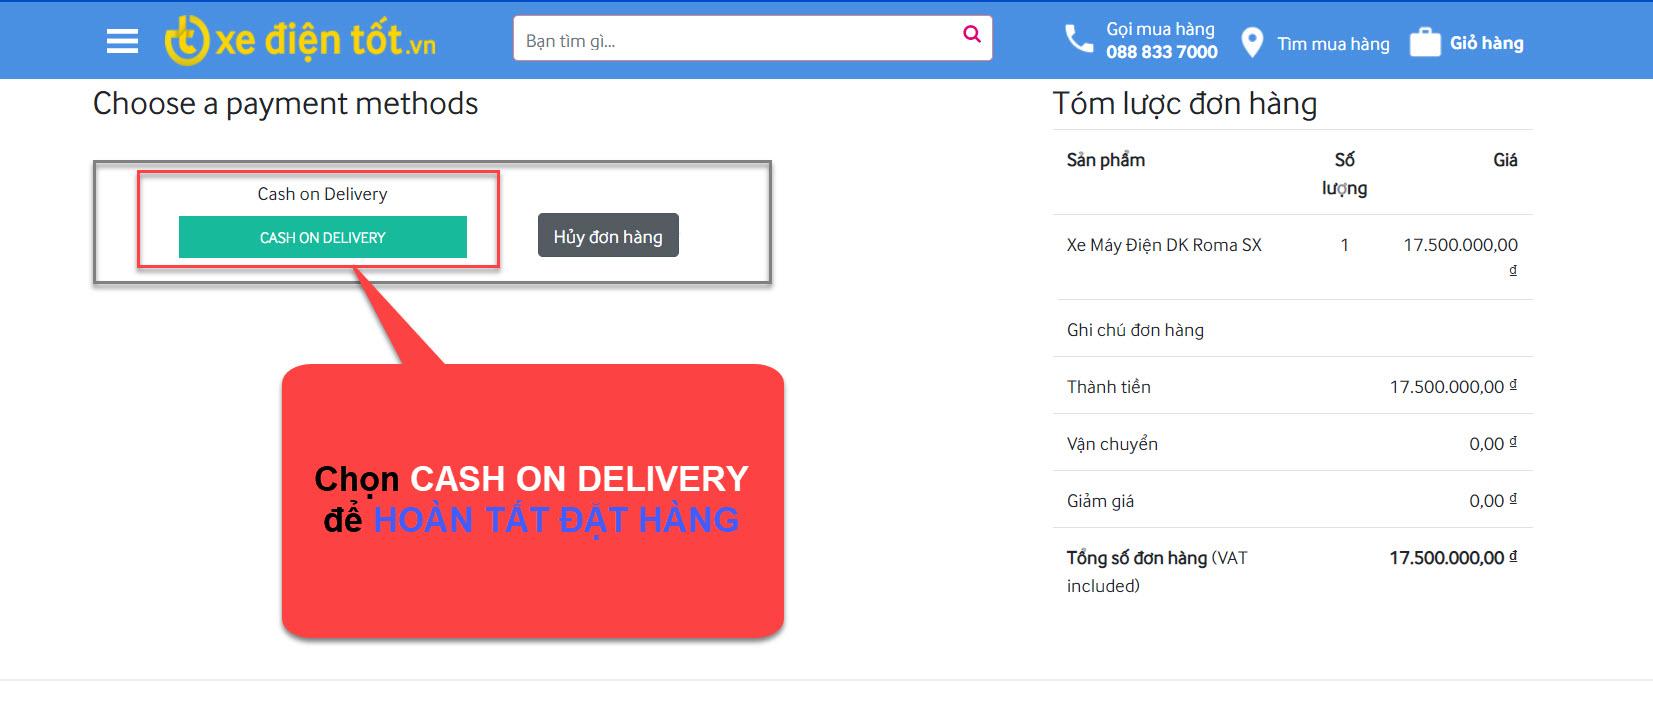 Hoàn tất đặt hàng online